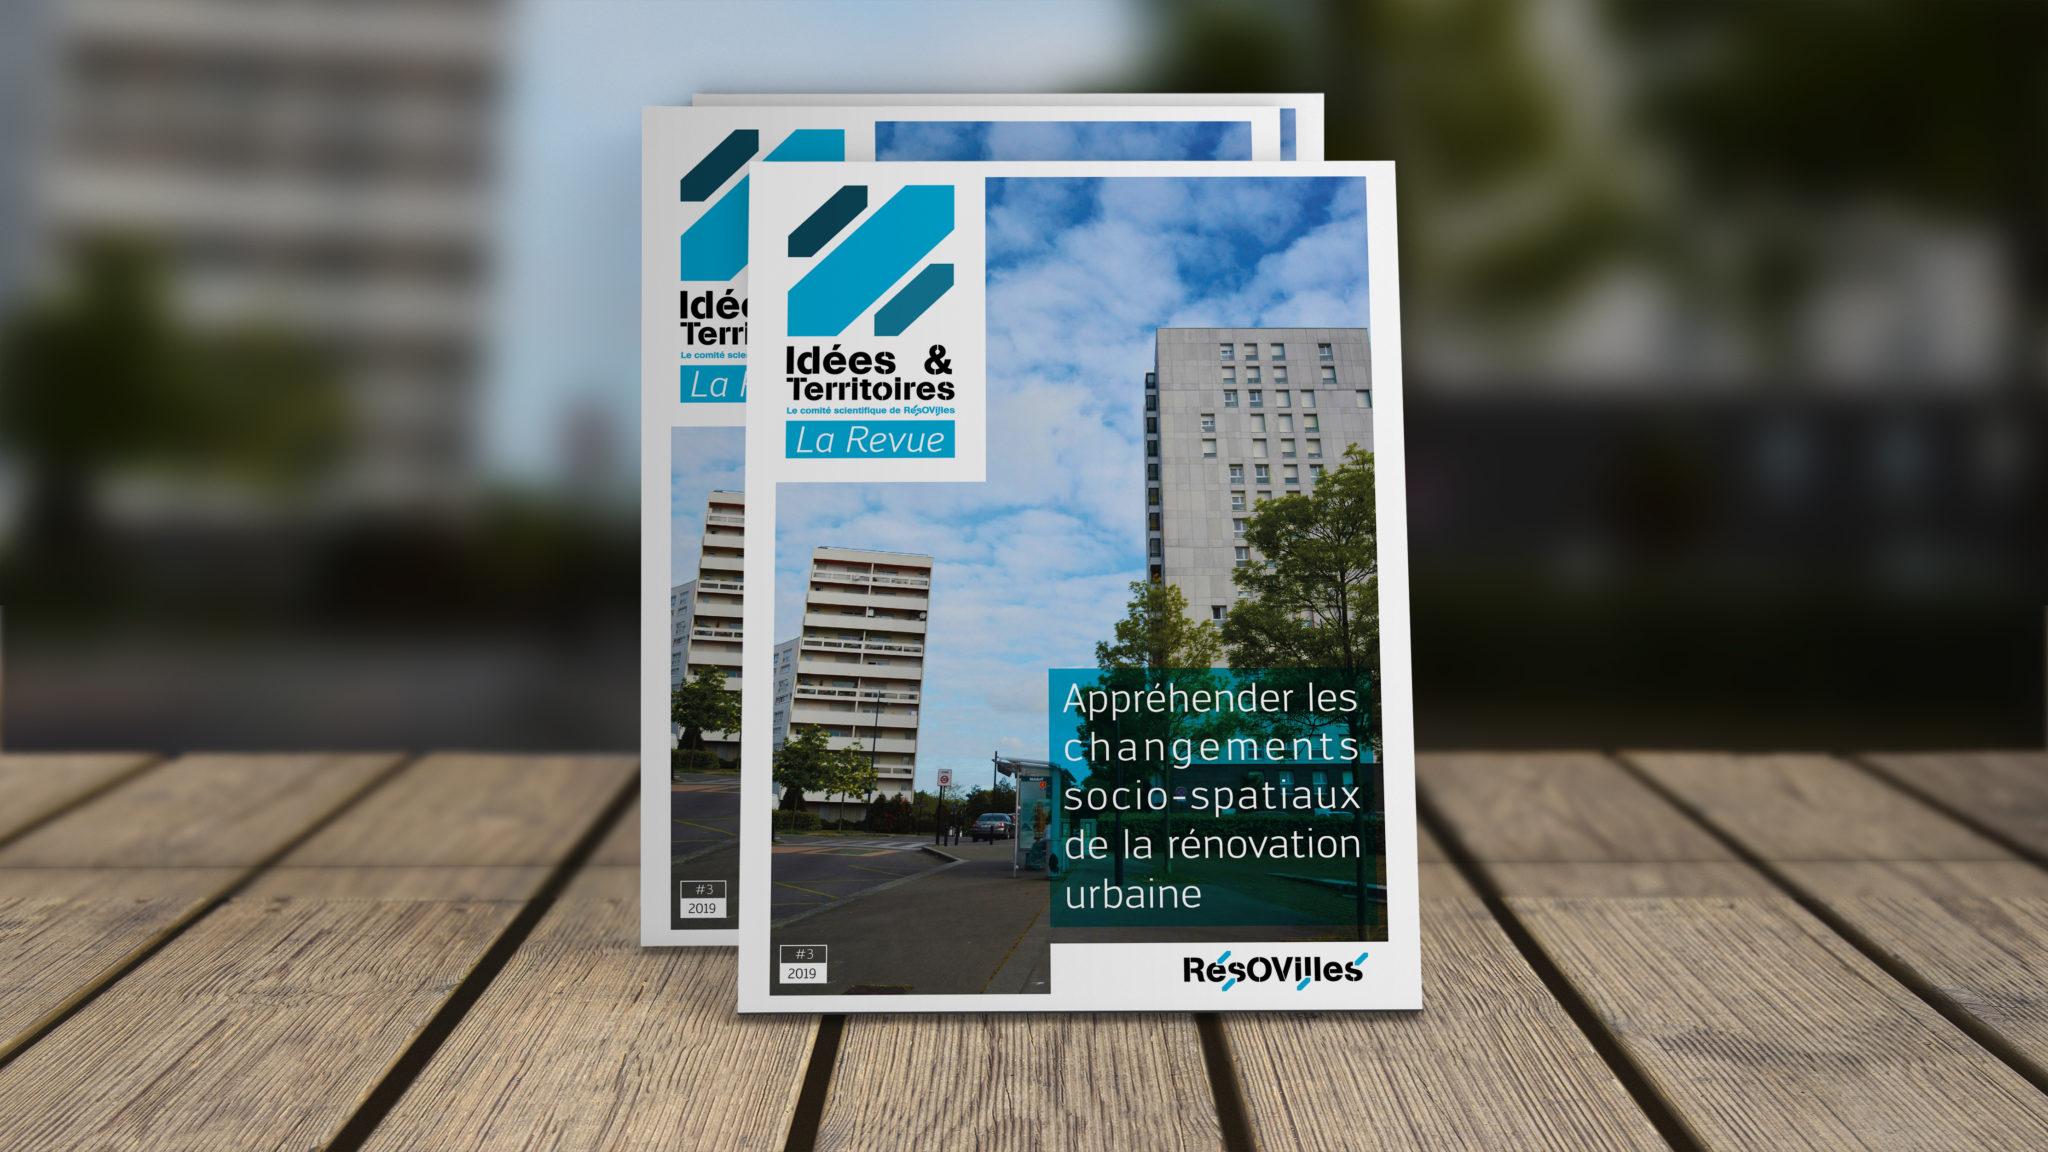 Idées & Territoire #3 – Appréhender les changements socio-spatiaux de la rénovation urbaine